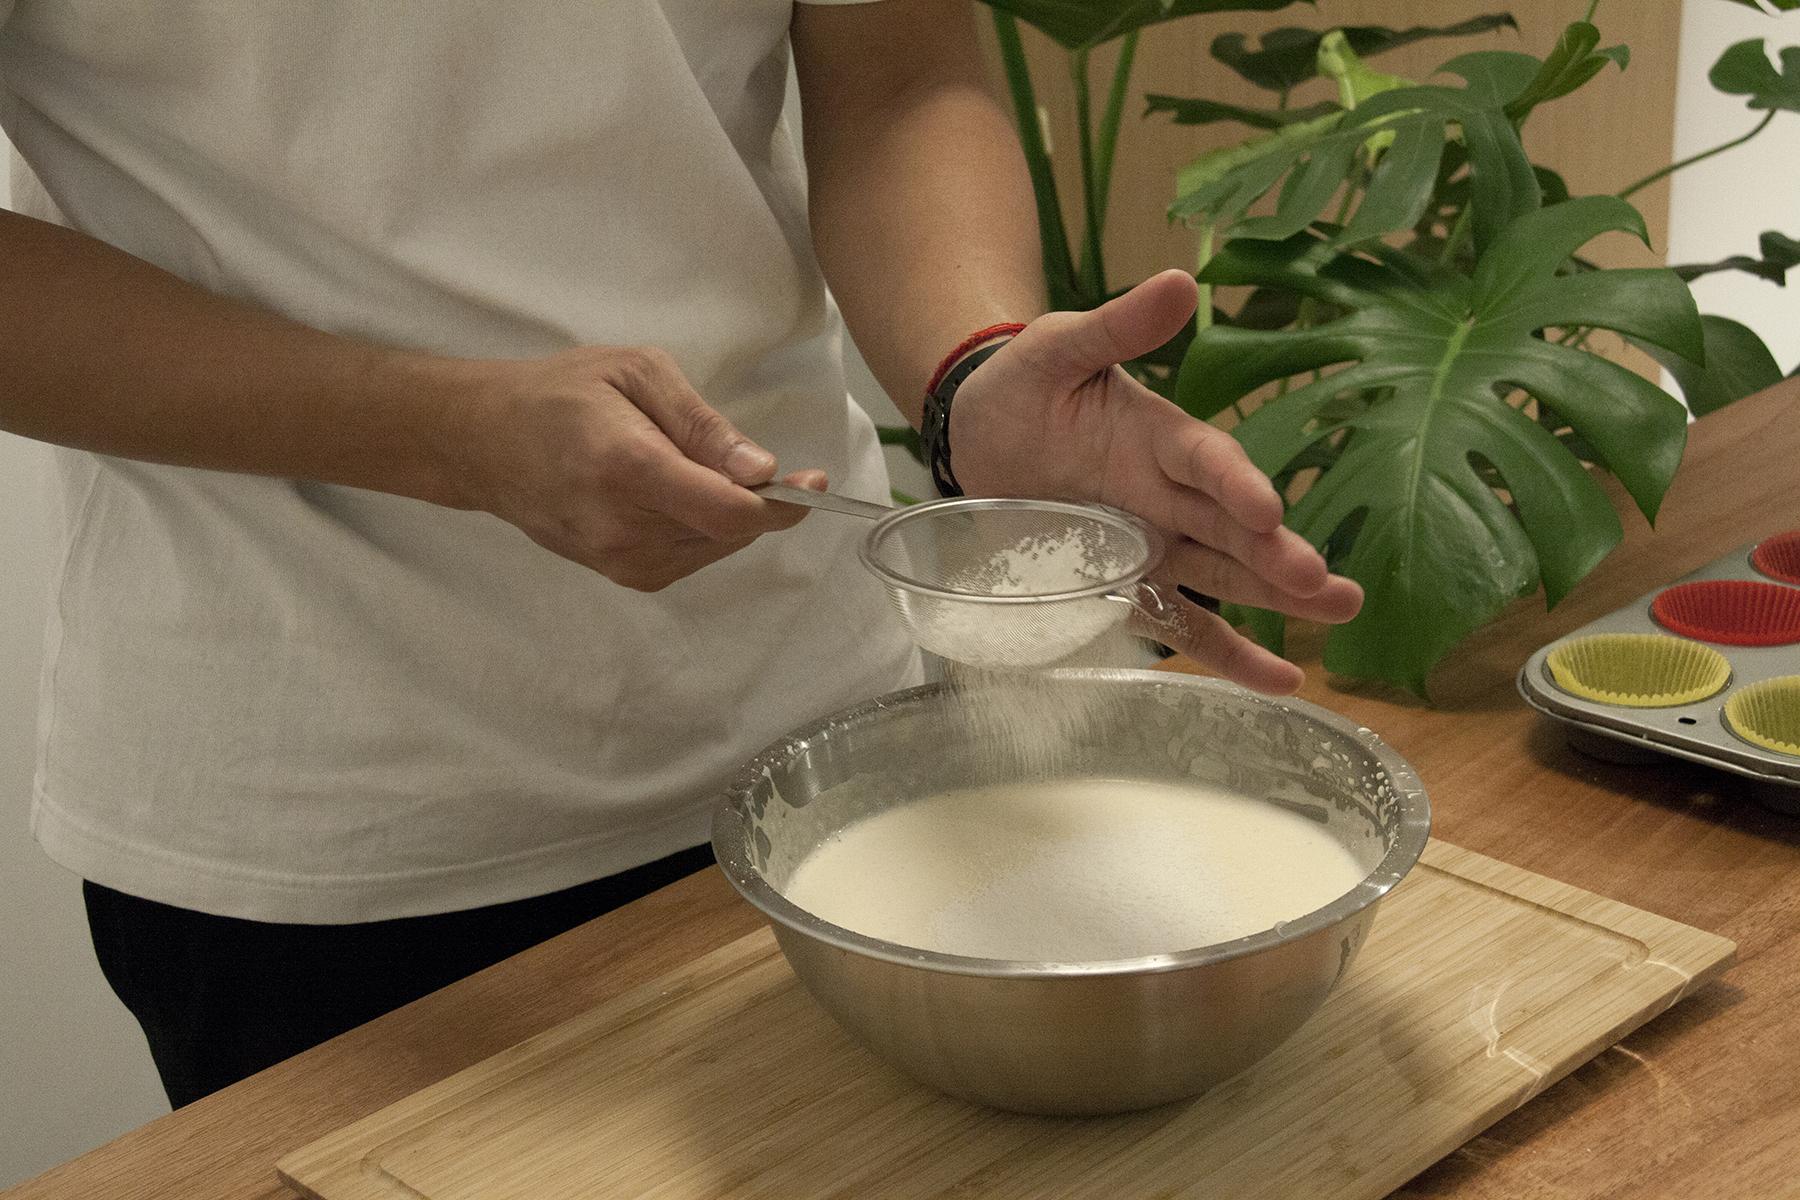 步驟3:低筋麵粉、小蘇打粉、鹽用過篩器倒入②中,攪拌均勻。最後加入原味優格增添風味。